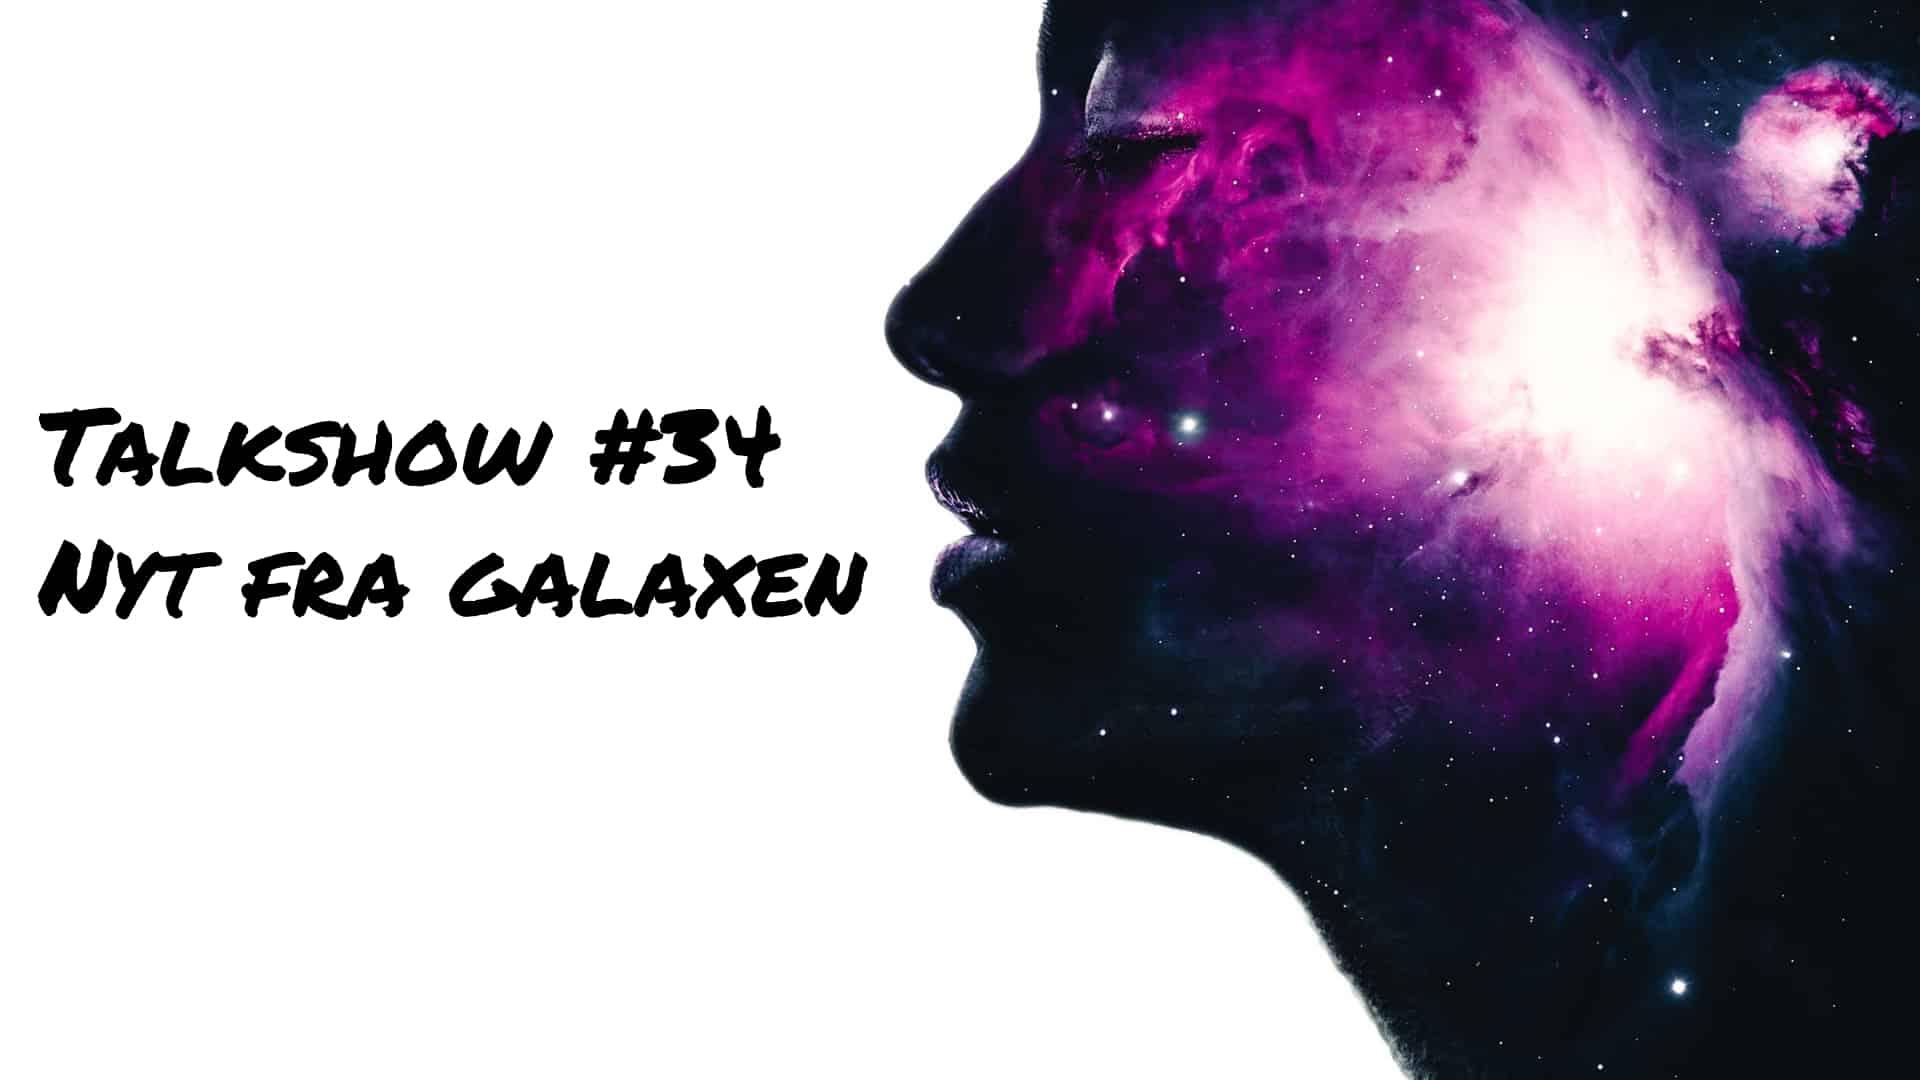 Et ansigt med Galaxen